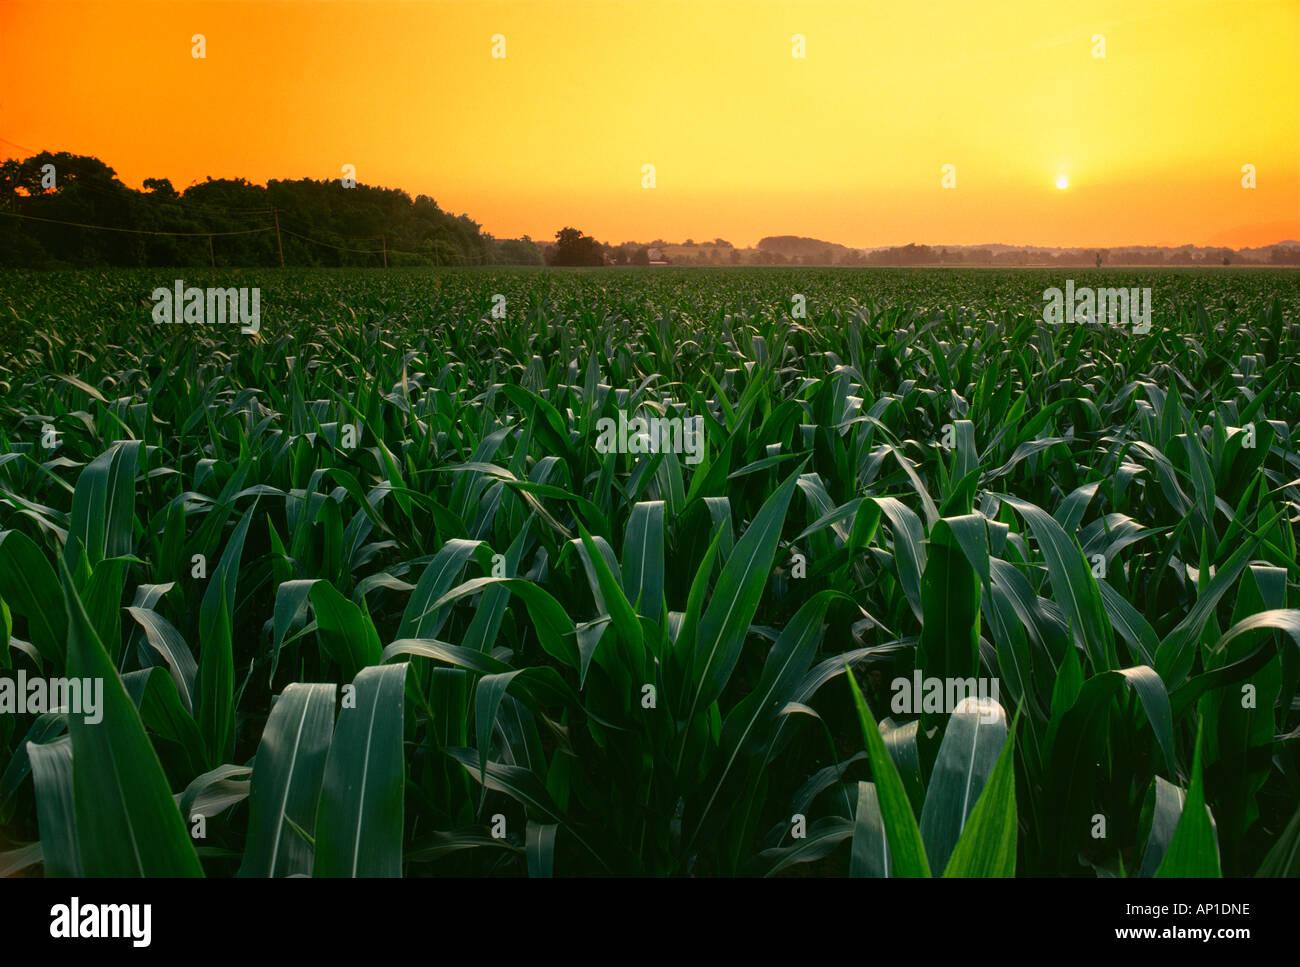 La croissance de l'Agriculture - milieu du champ de maïs-grain pré tassel au coucher du soleil avec une ferme au loin / près de Maryville, Tennessee, États-Unis Photo Stock